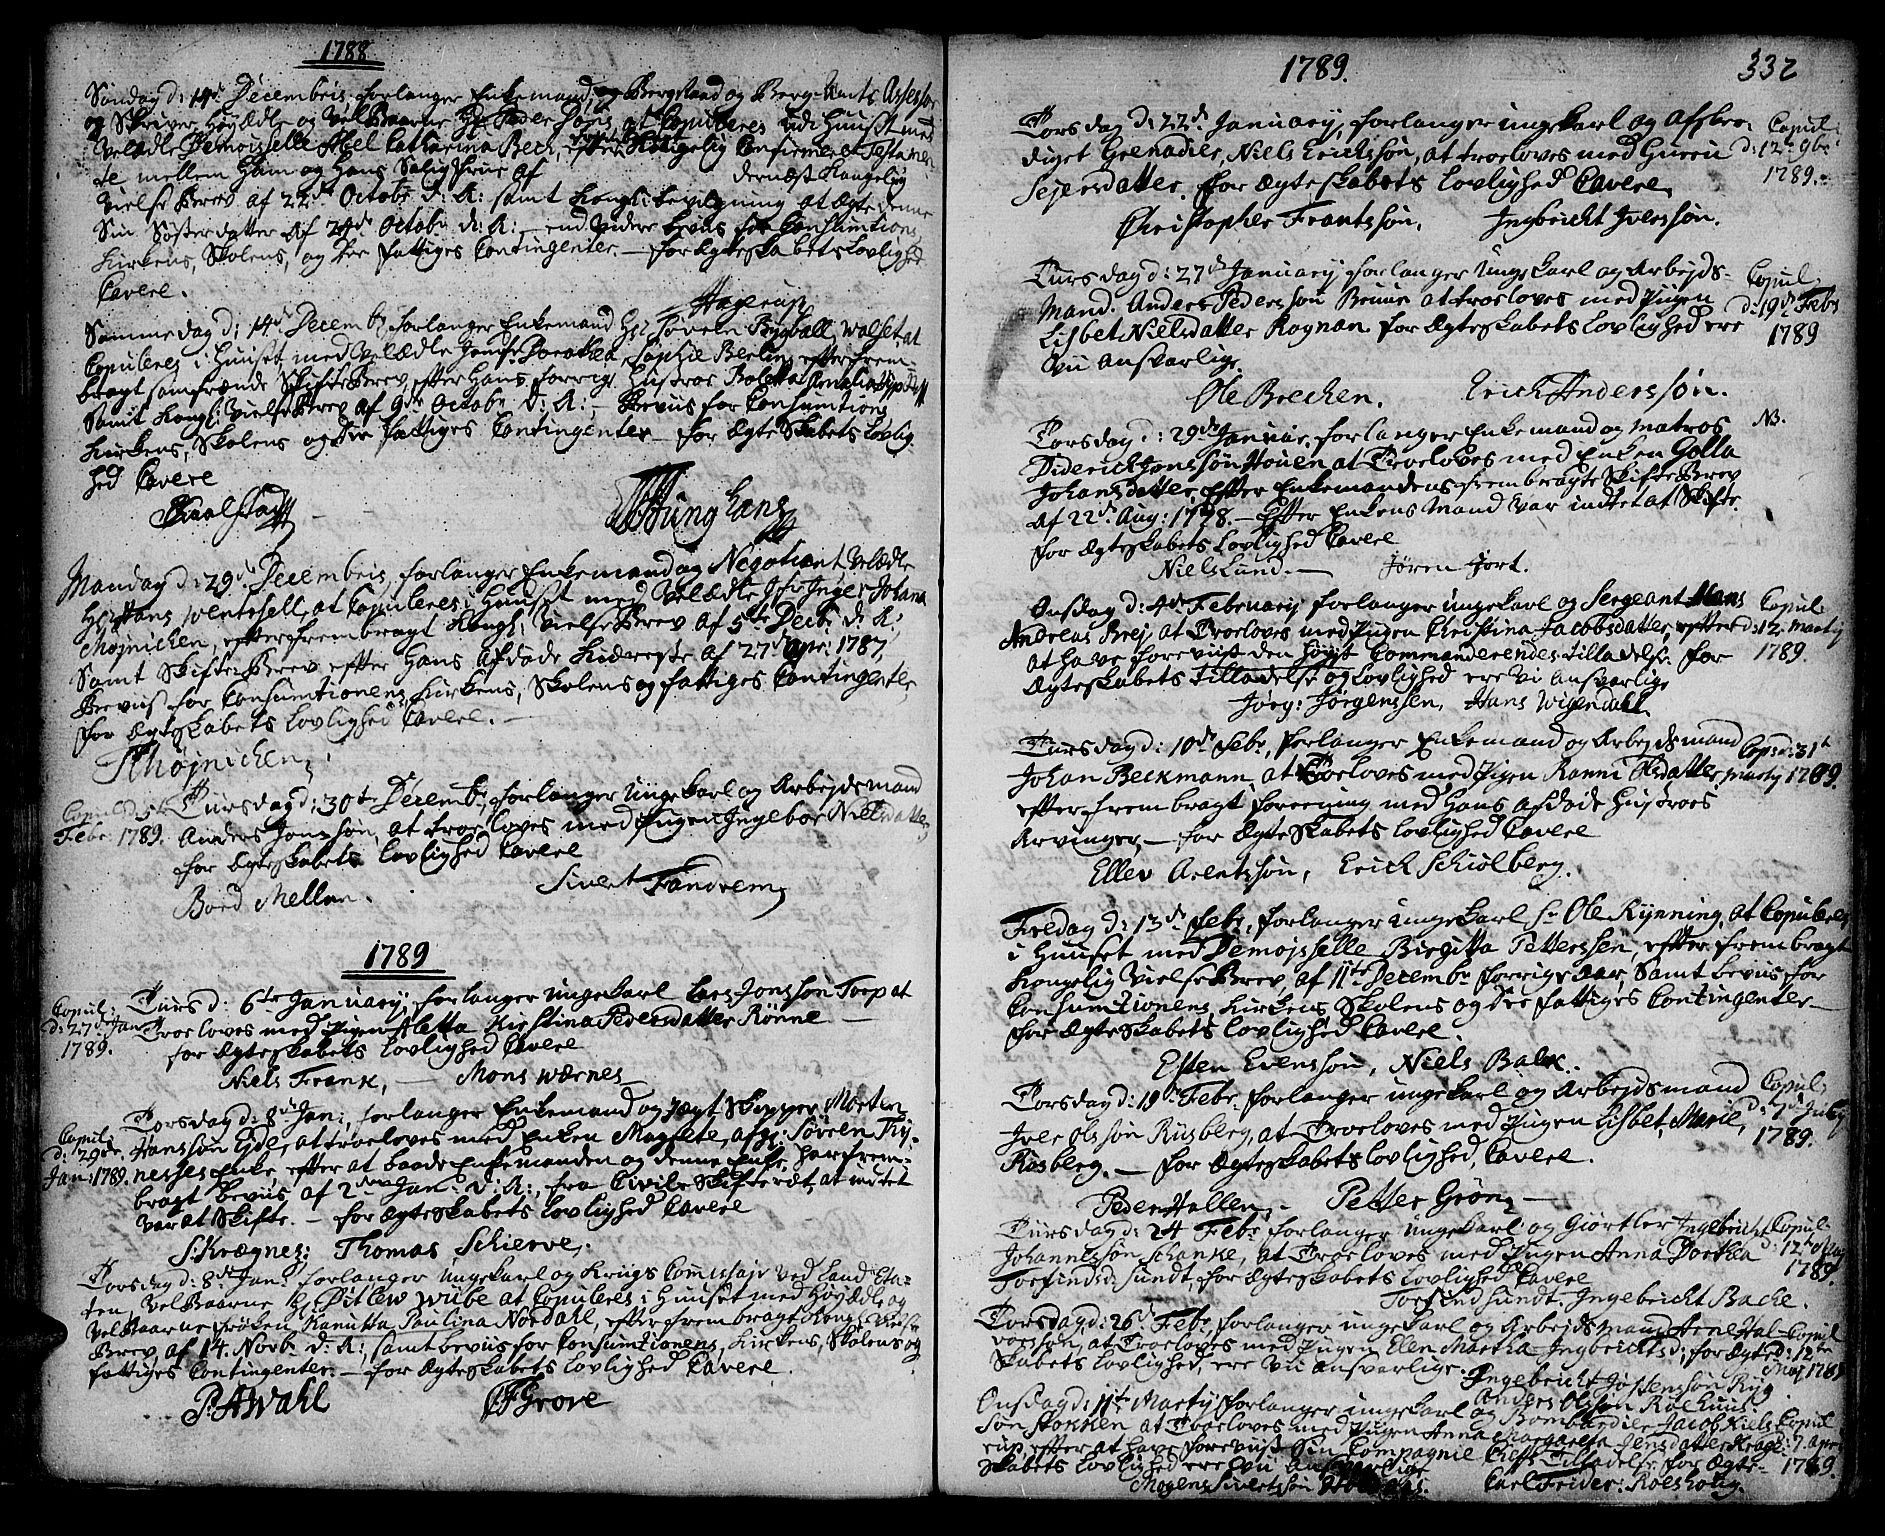 SAT, Ministerialprotokoller, klokkerbøker og fødselsregistre - Sør-Trøndelag, 601/L0038: Ministerialbok nr. 601A06, 1766-1877, s. 332